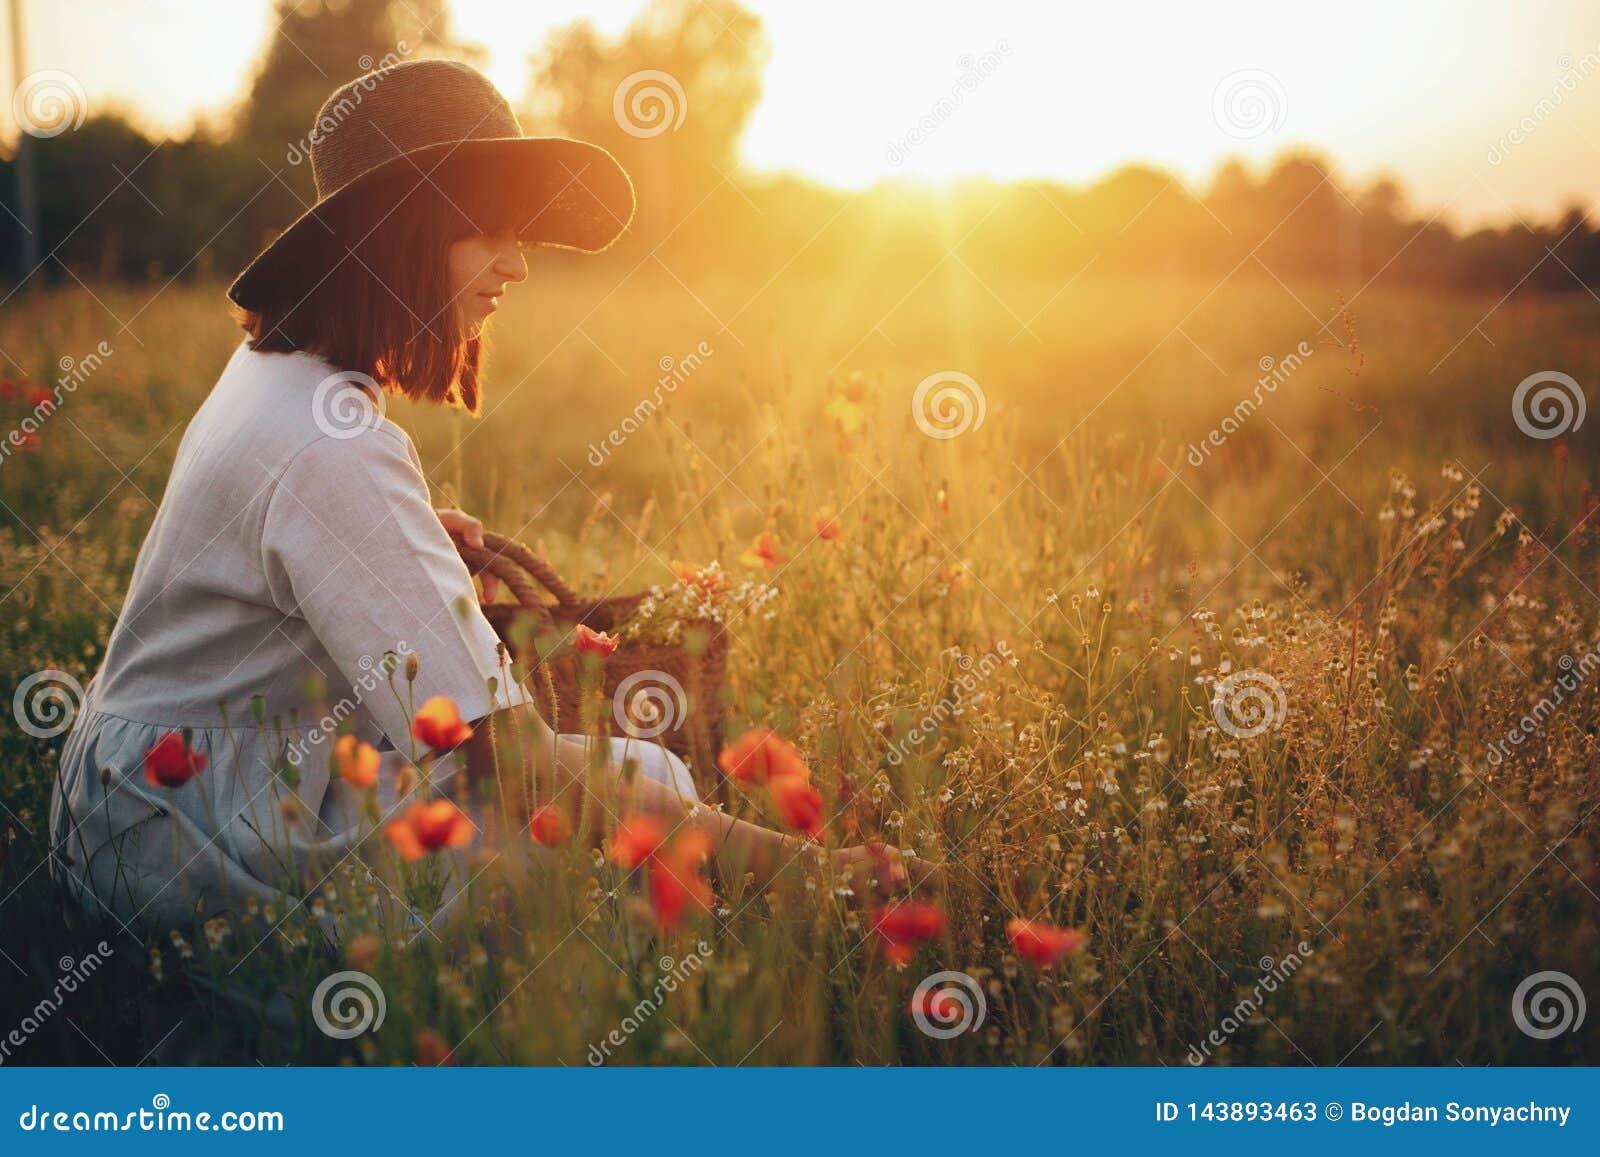 Το μοντέρνο κορίτσι στη συλλογή φορεμάτων λινού ανθίζει στο αγροτικό καλάθι αχύρου, καθμένος στο λιβάδι παπαρουνών στο ηλιοβασίλε